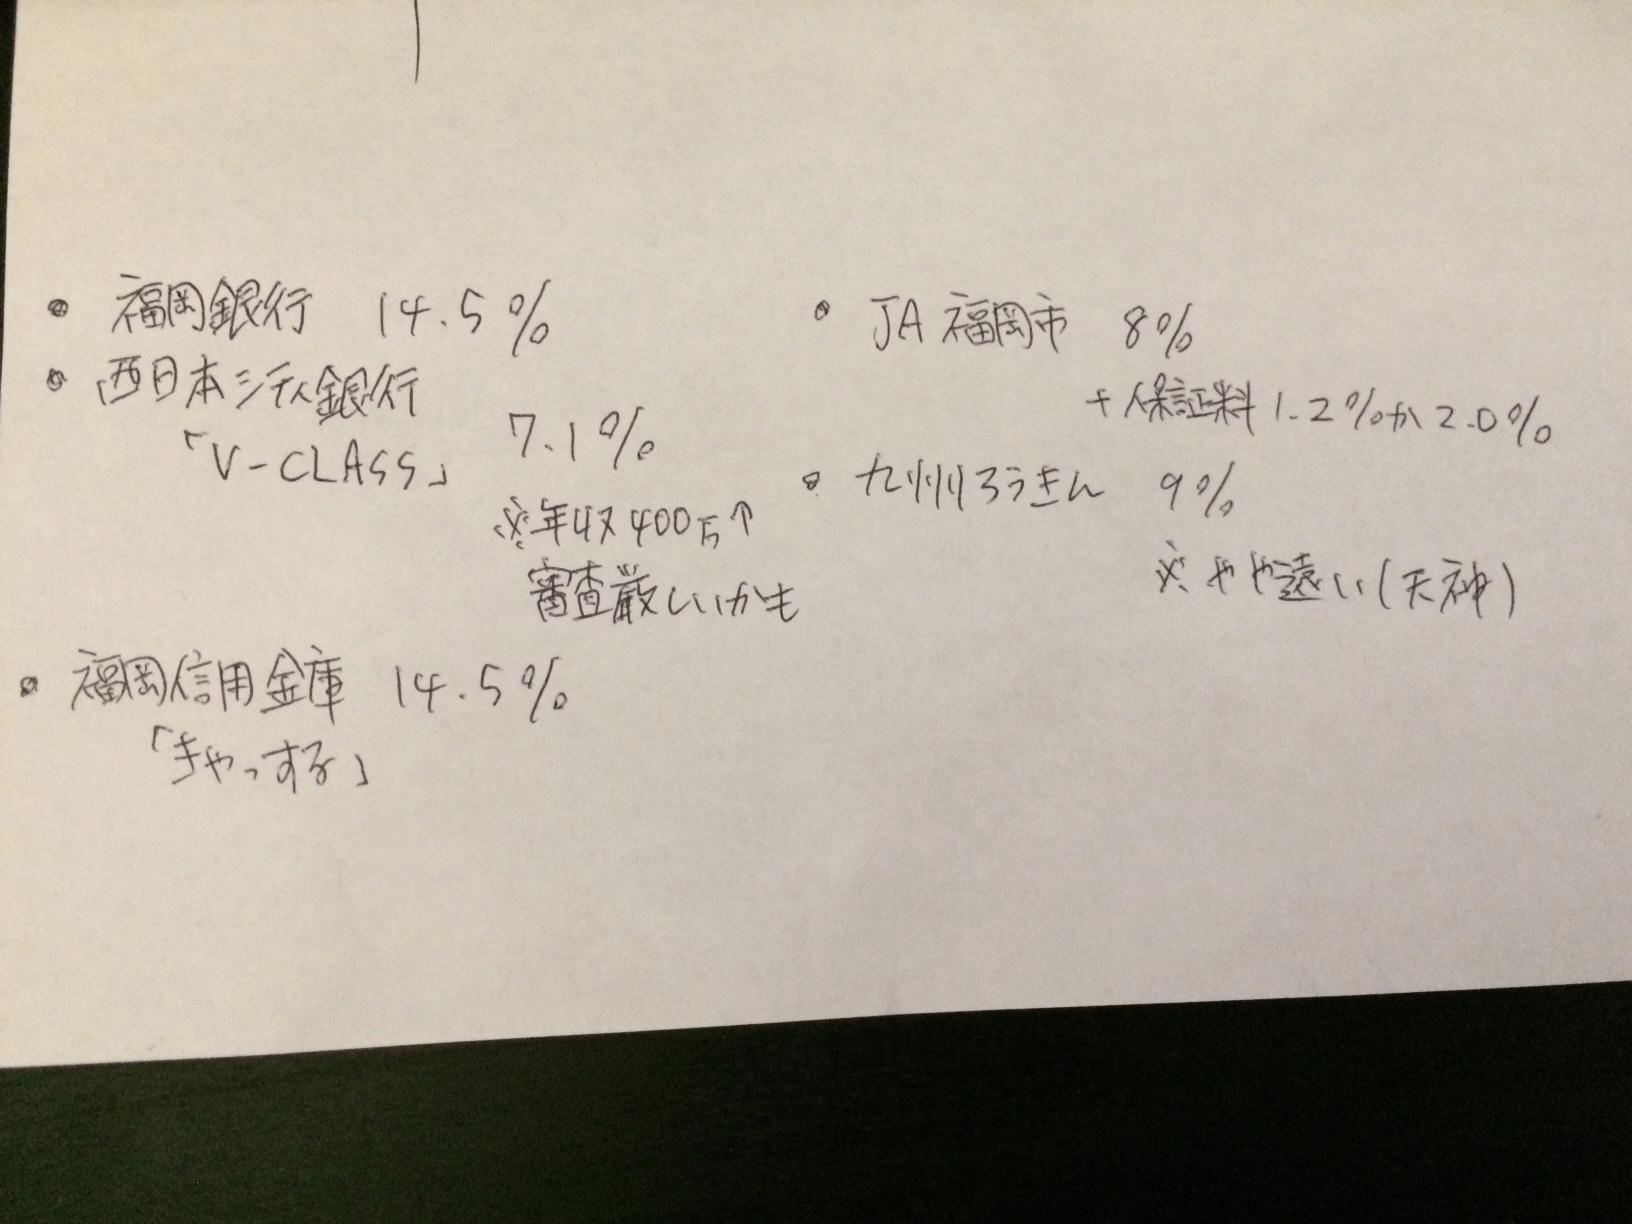 JA・労働金庫を加えたメモ例(福岡県福岡市)